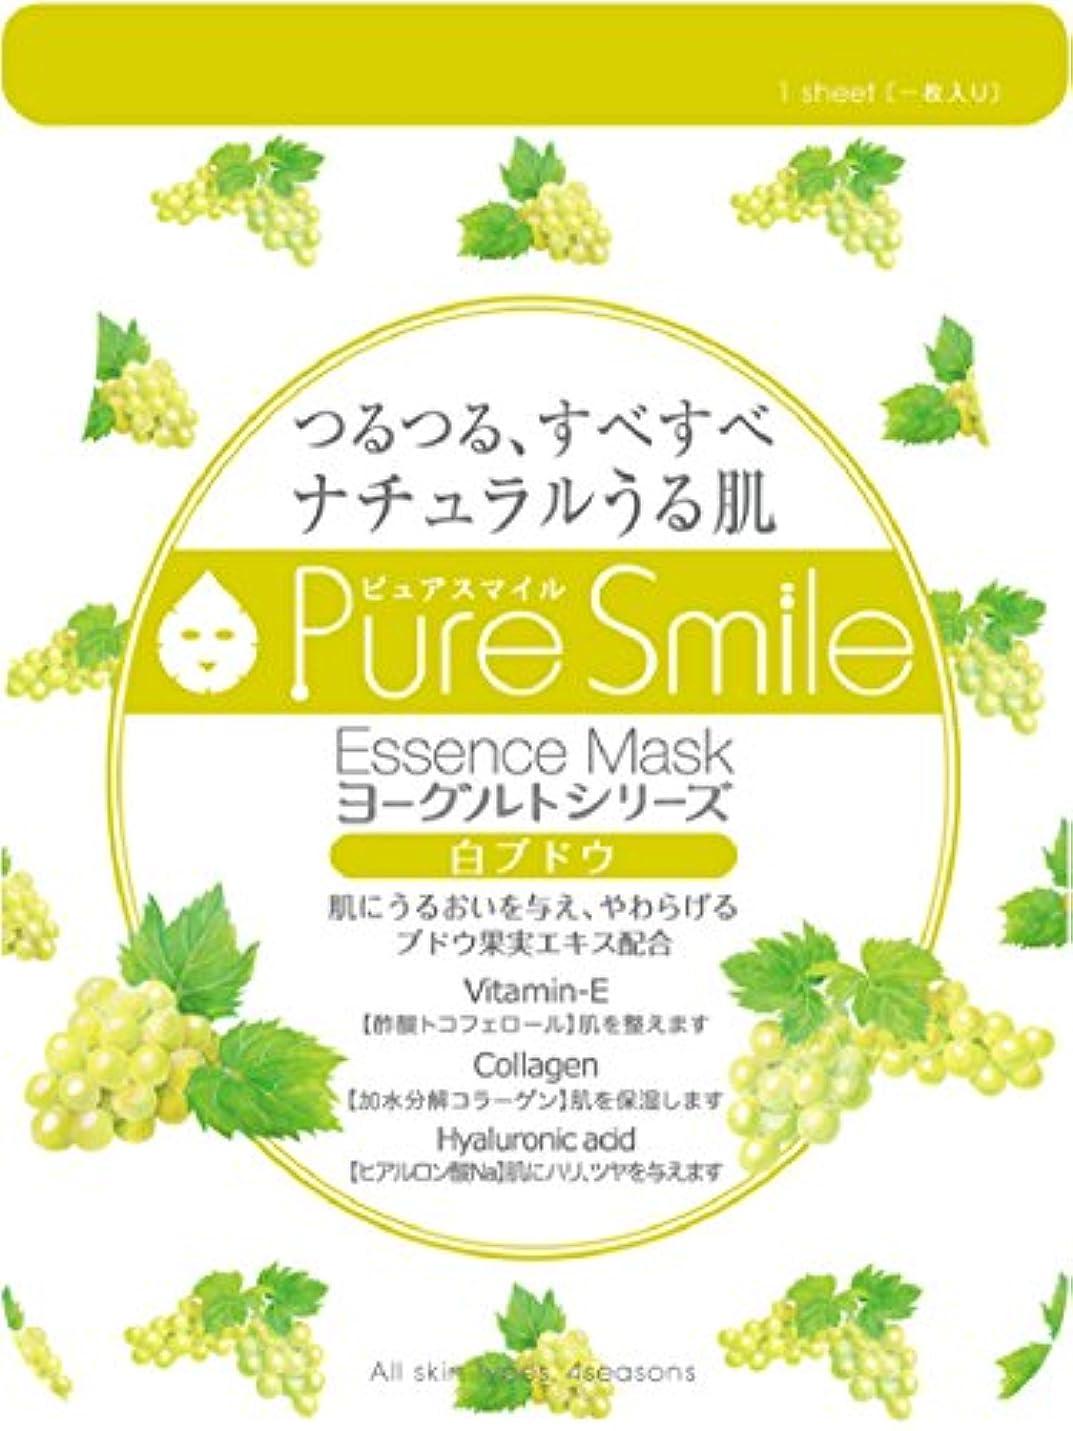 リンケージ征服する腫瘍Pure Smile エッセンスマスク ヨーグルトシリーズ 白ブドウ 23ml?30枚